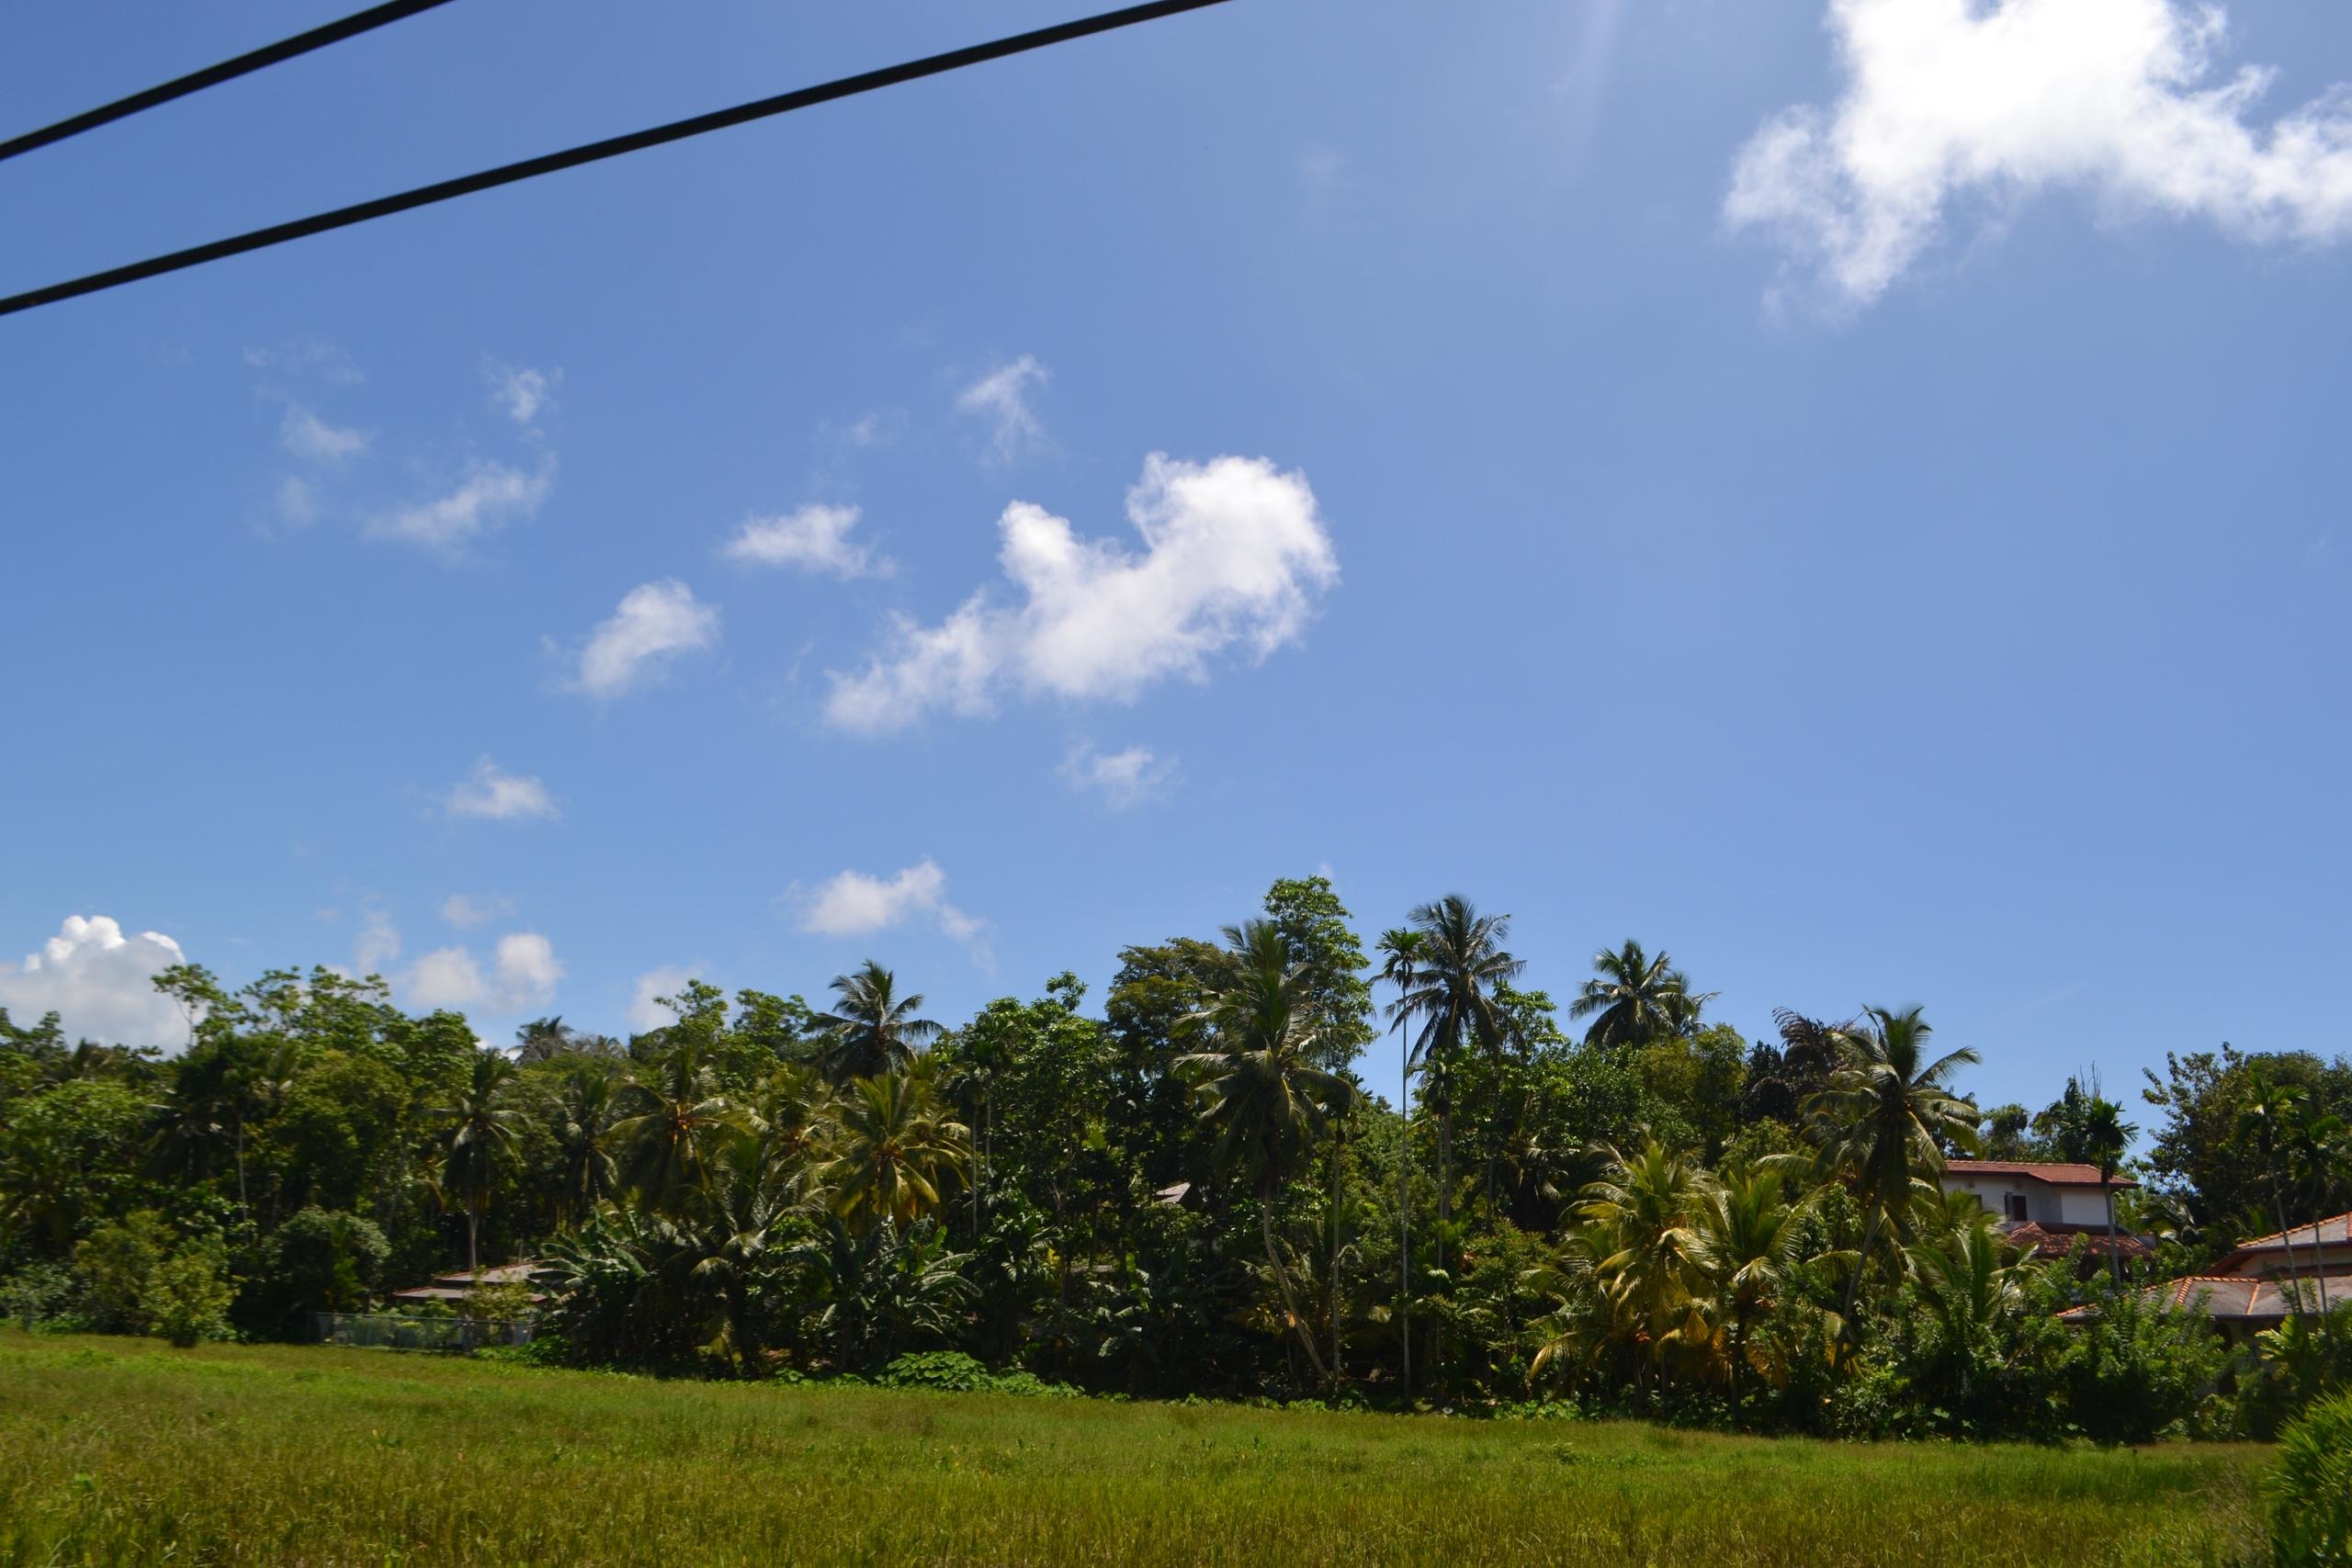 Шри Ланка (фото) - Страница 2 8yRNpgLcQT0